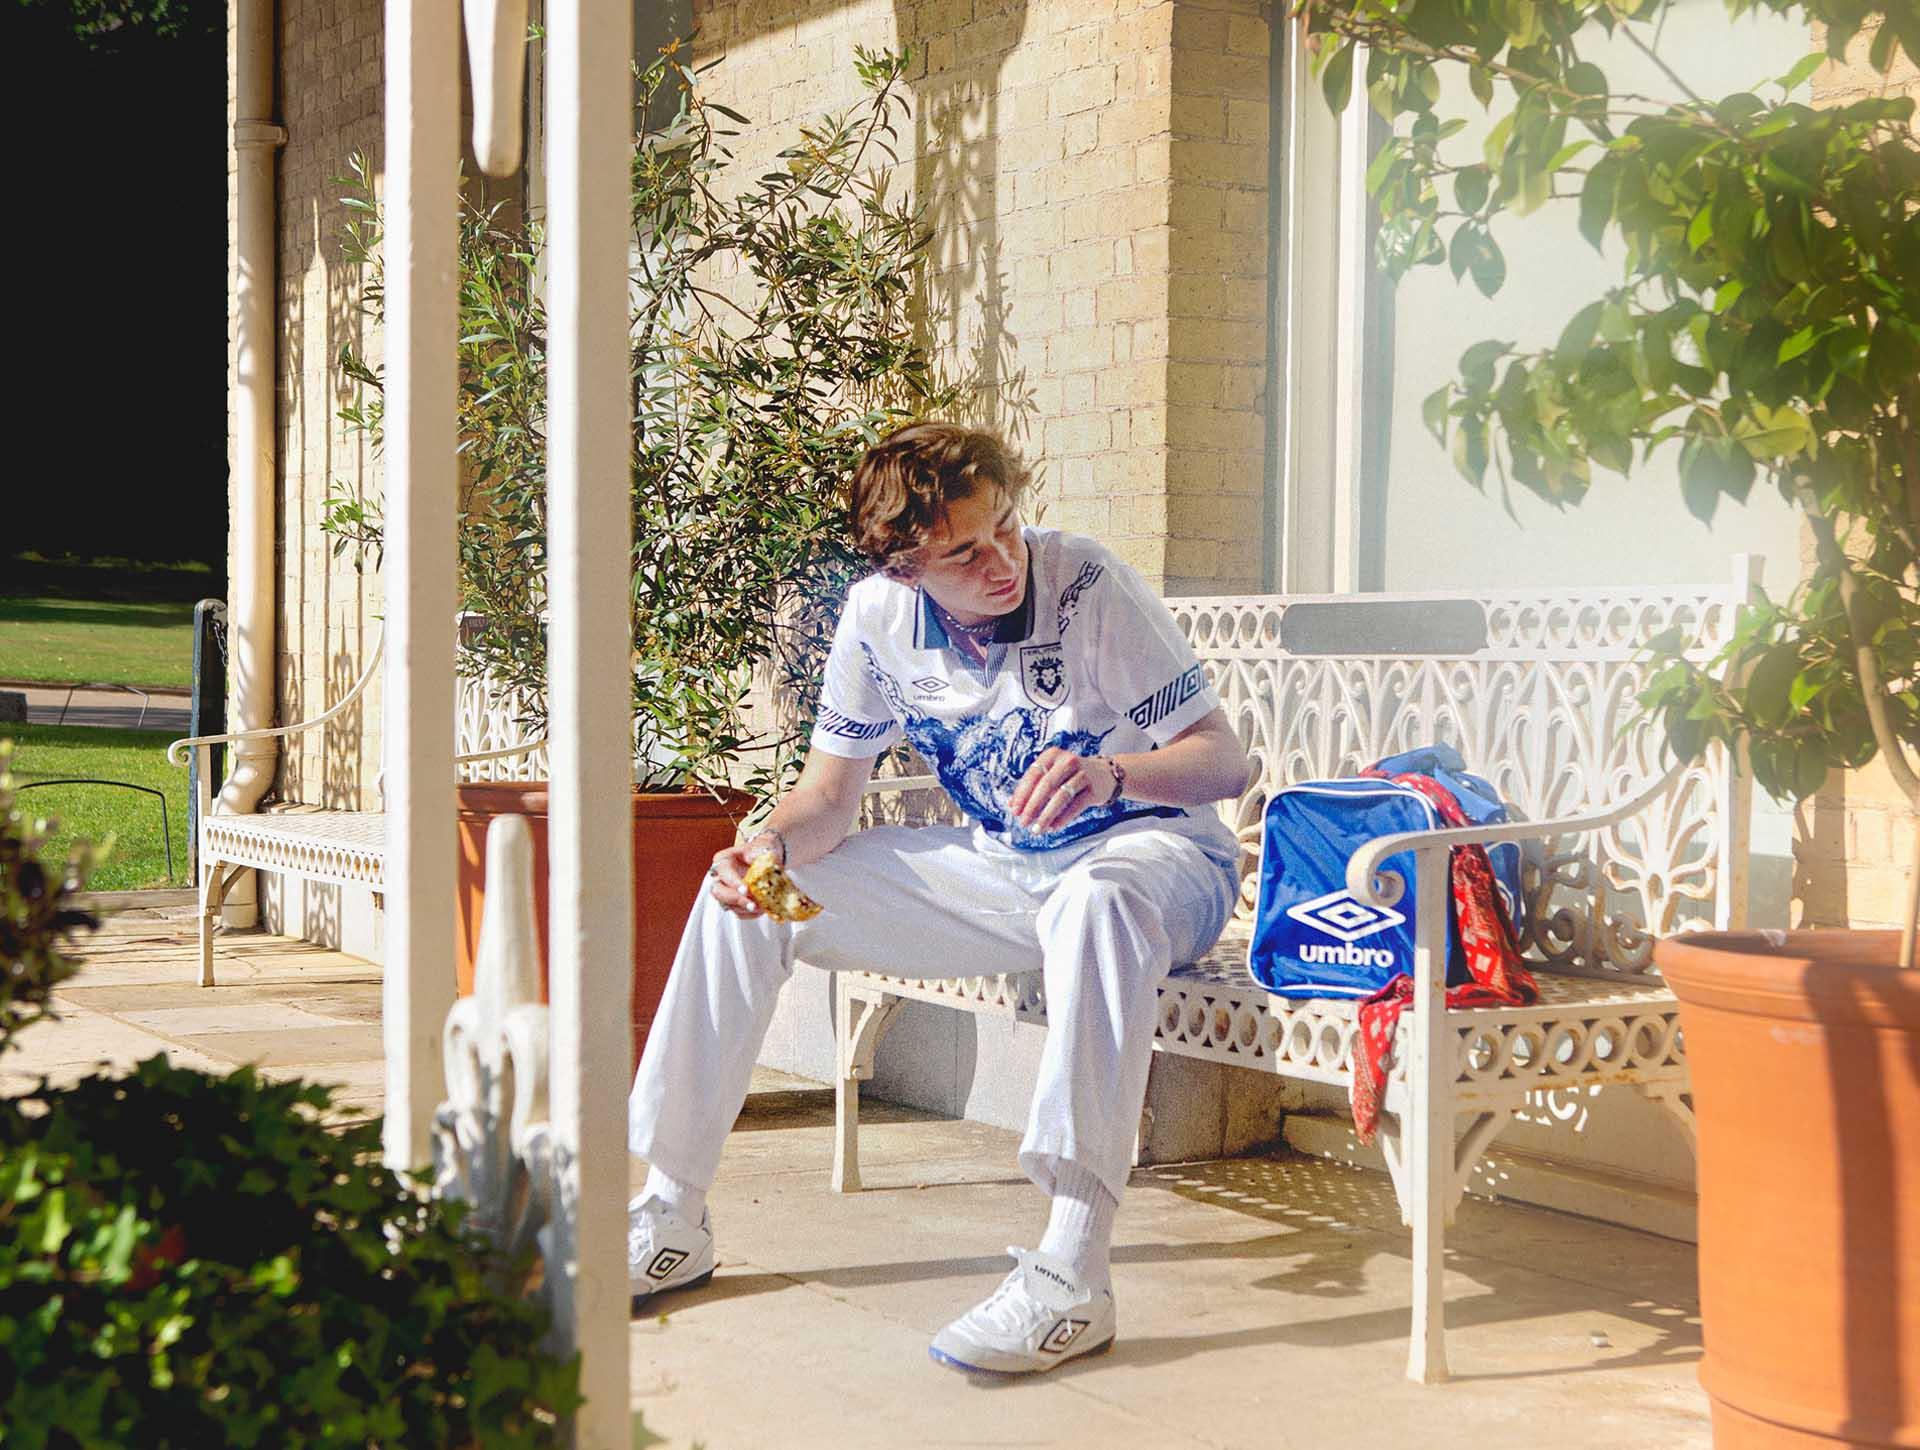 Une nouvelle collab' entre Umbro et un artiste anglais